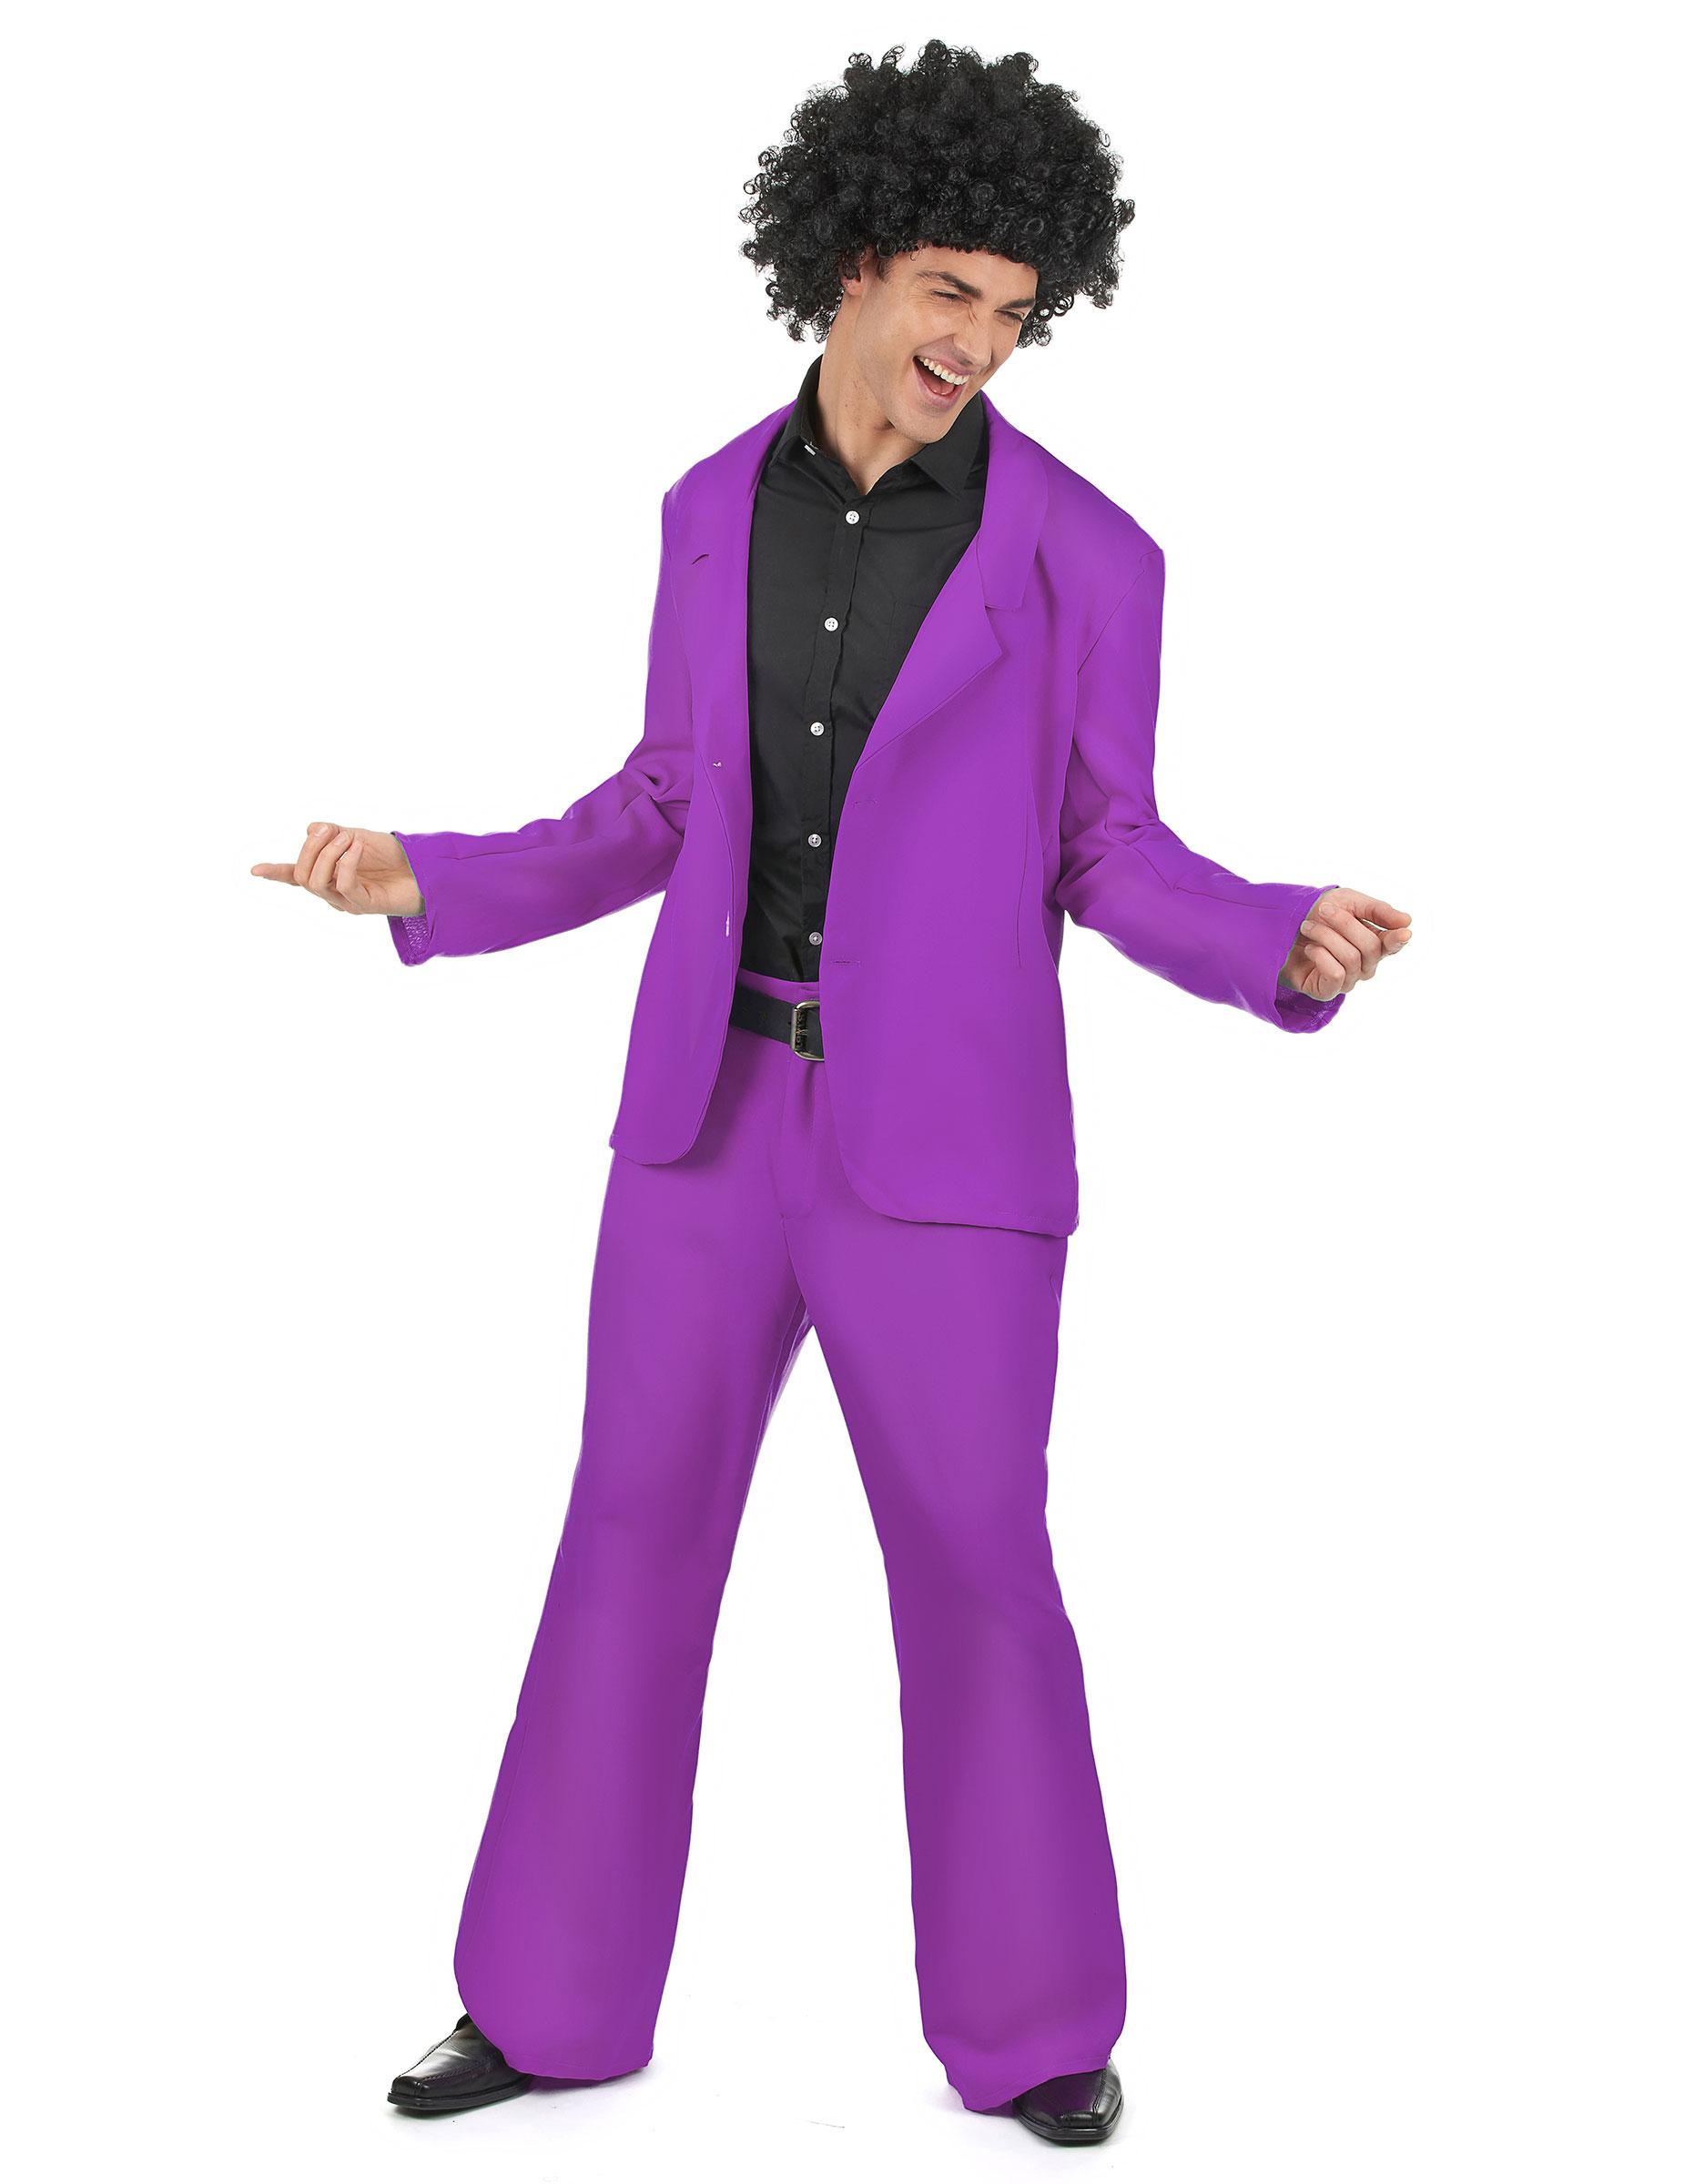 Disfraces de color violeta para hombres y mujeres - Vegaoo.es 80fb64dc4e4